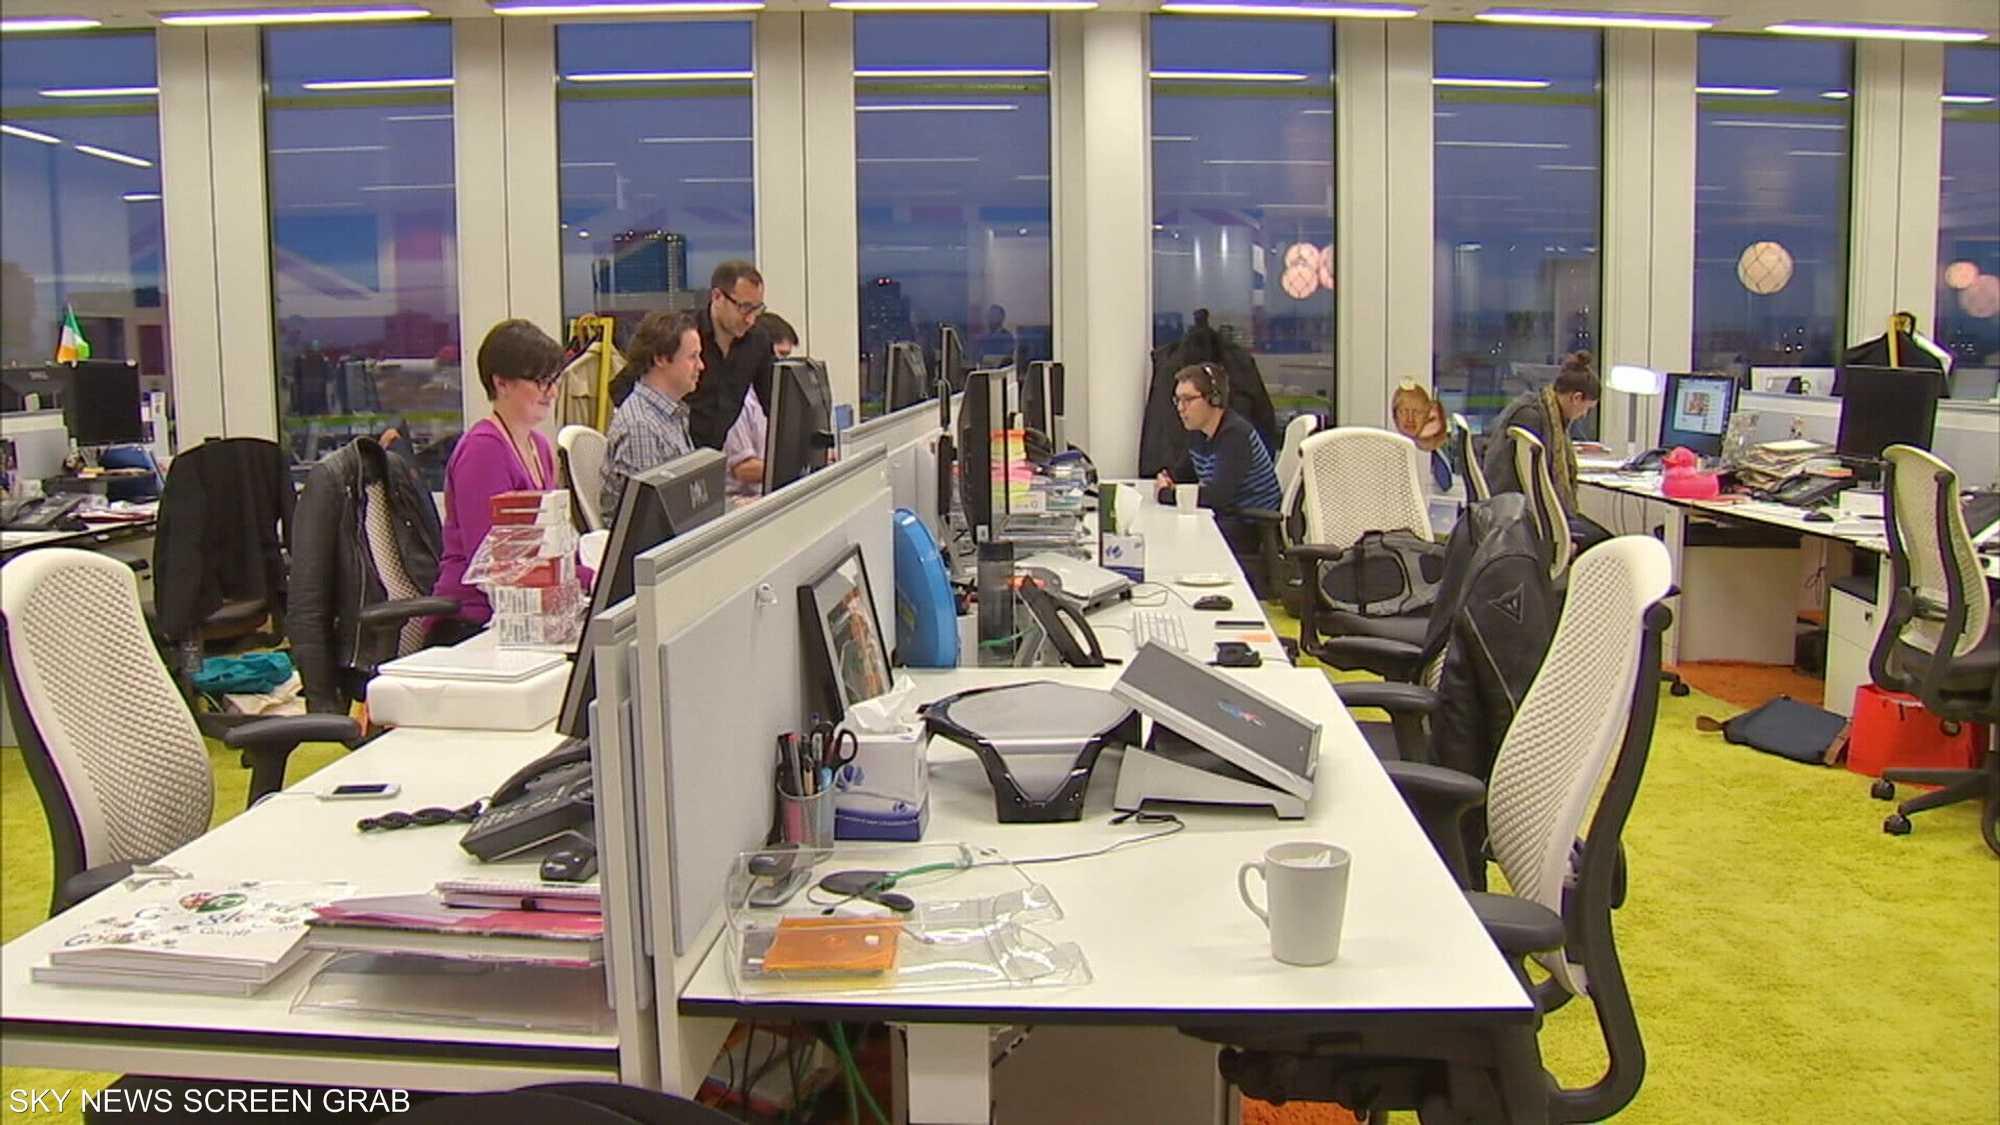 دراسة: مخاطر الجلوس لساعات طويلة ليست صحيحة